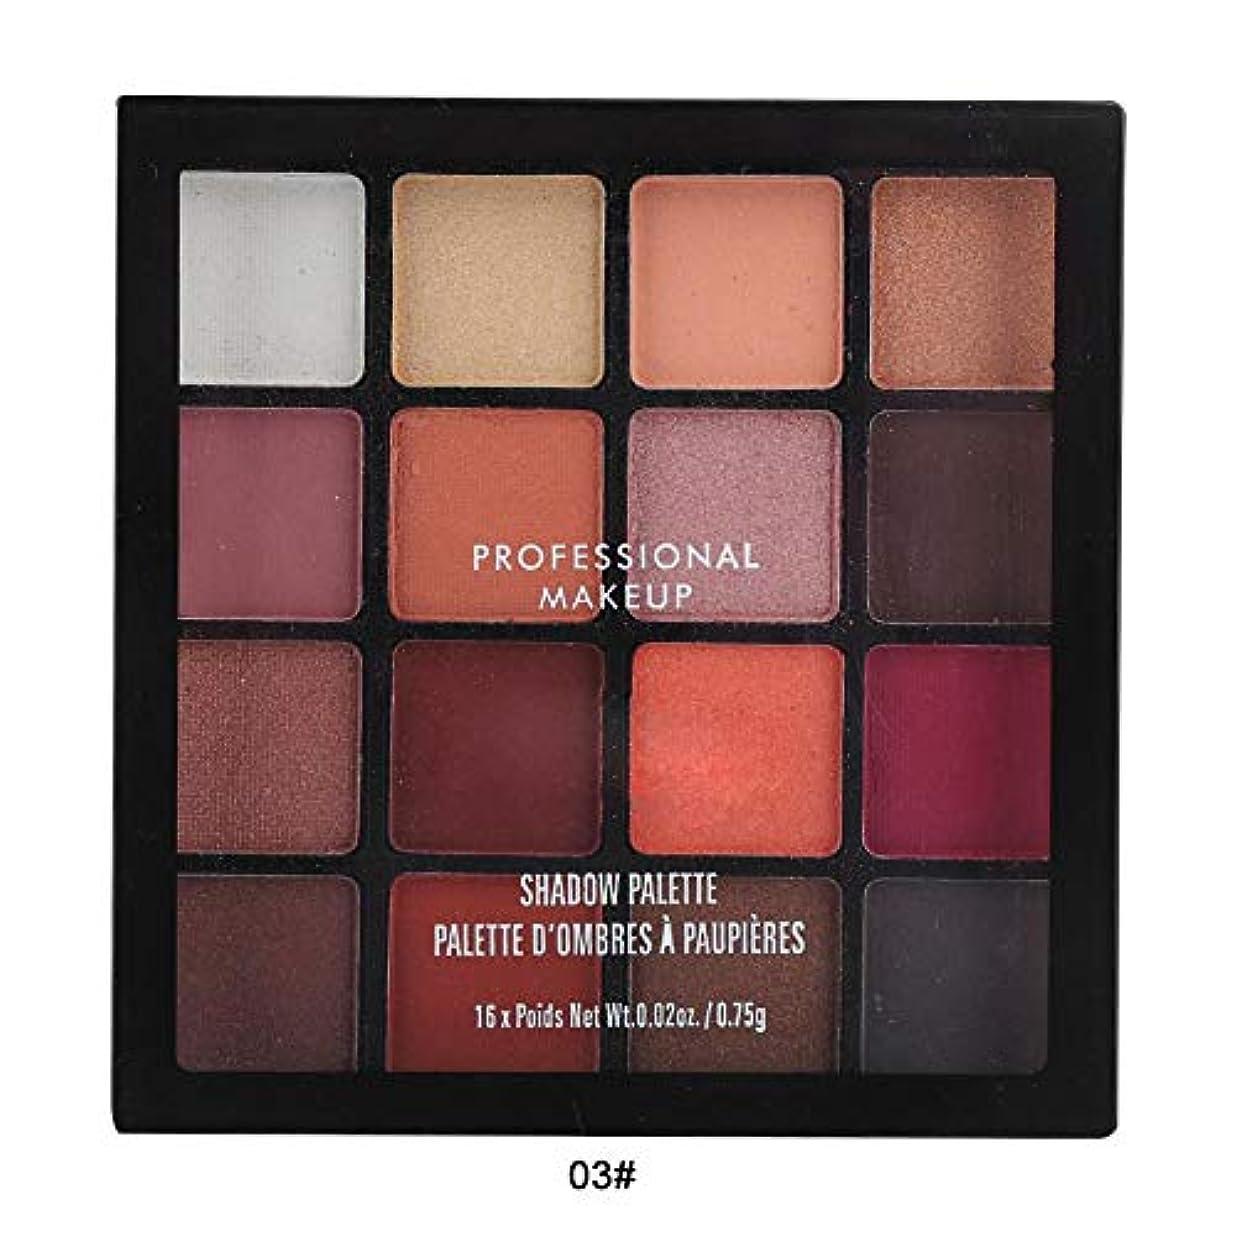 16色アイシャドウパレット、アイシャドウパレット化粧マットグロスアイシャドウパウダー化粧品ツール (03)